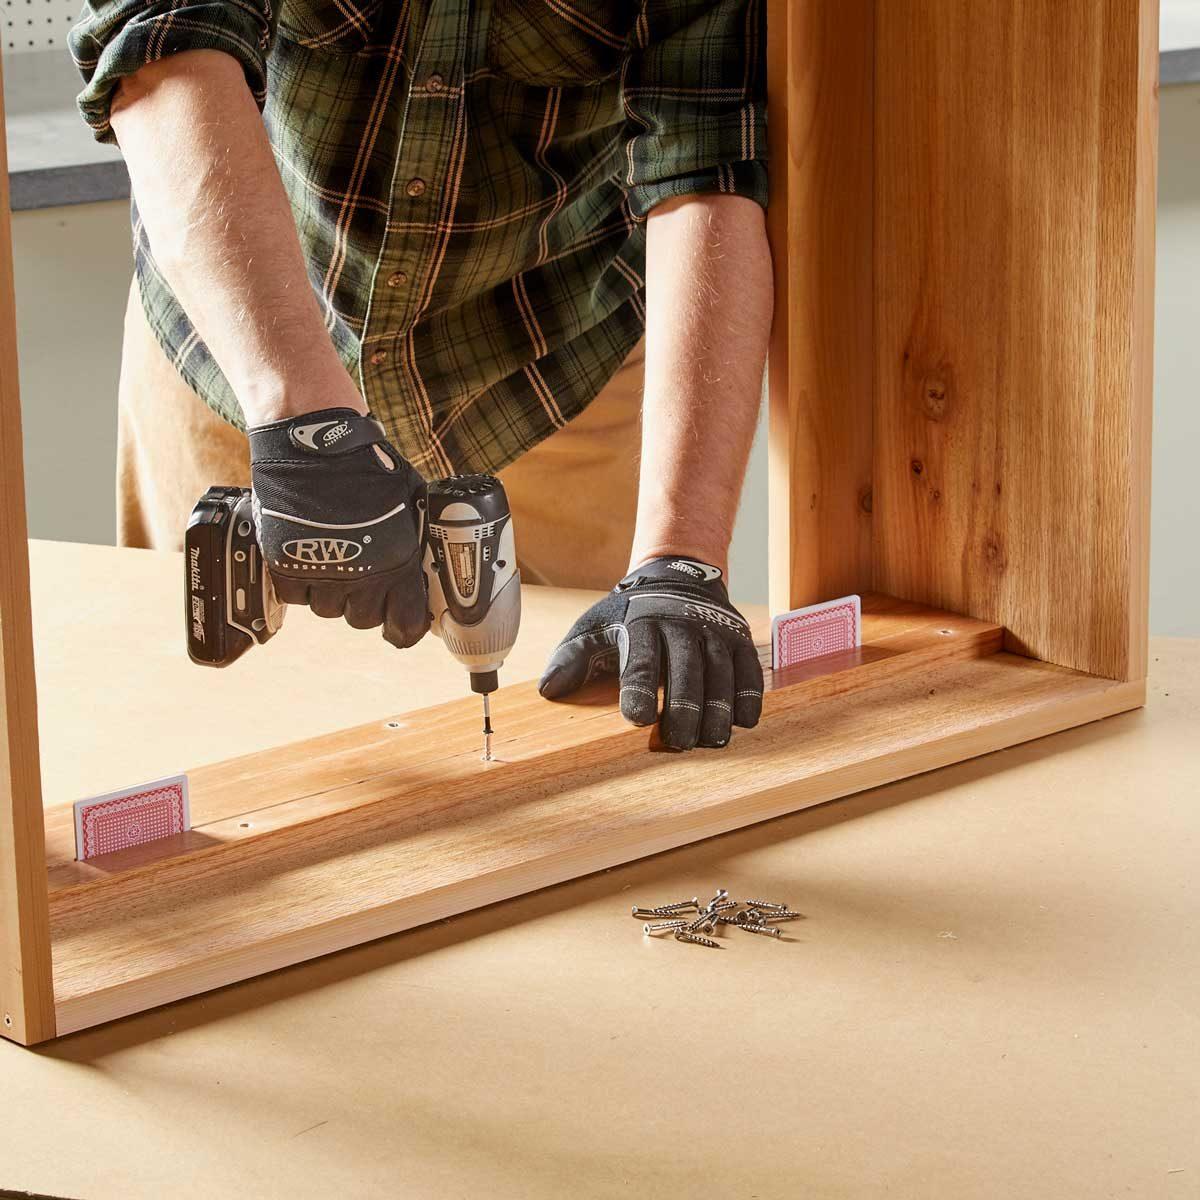 Install the drawer slides